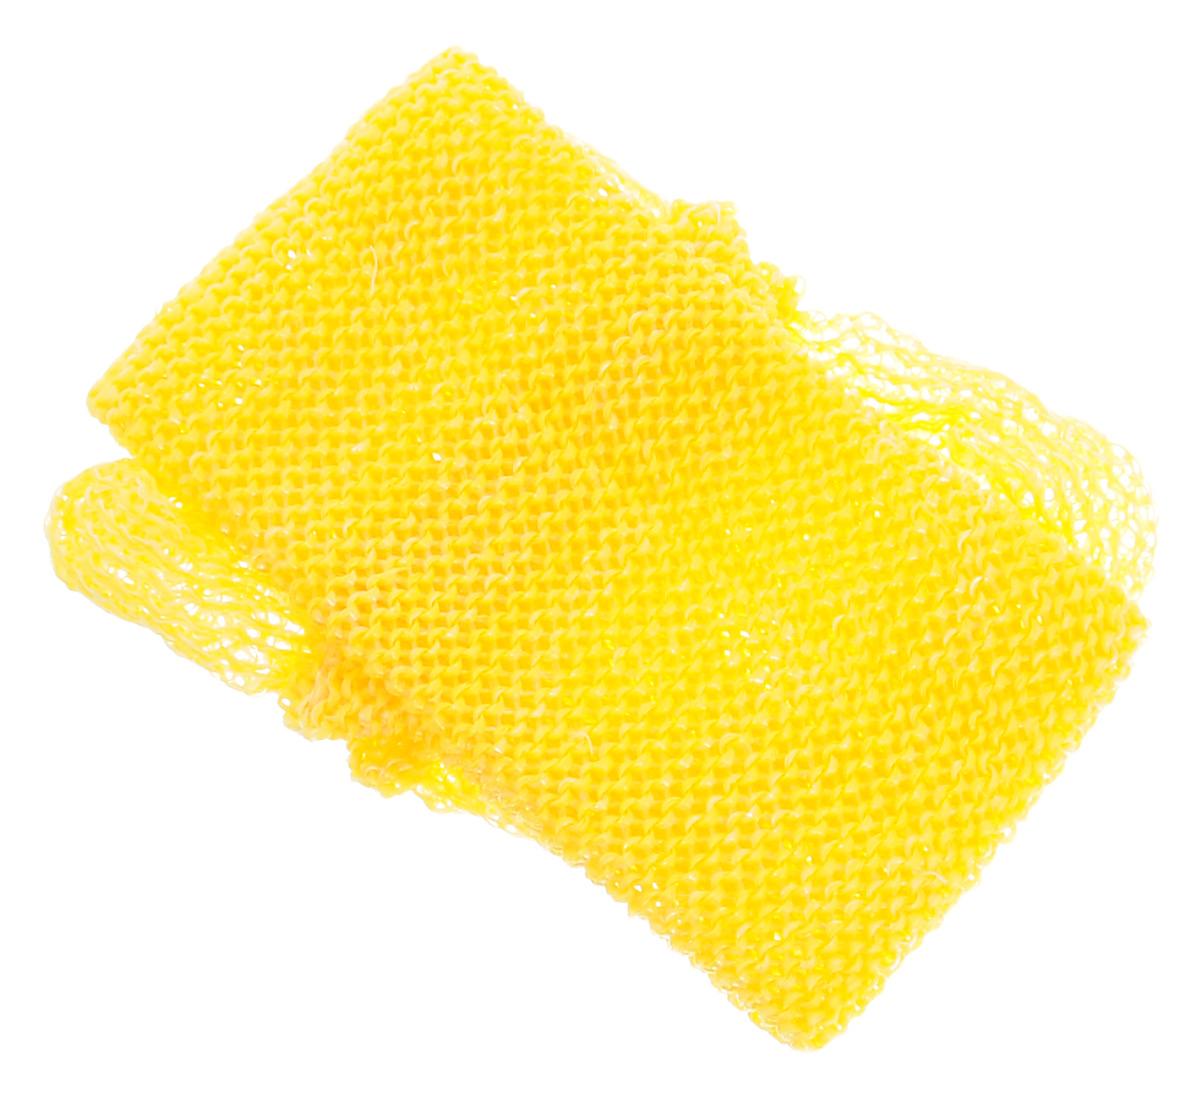 Мочалка массажная Eva Миди, с ручками, цвет: желтый, 48 см х 11 смМ361_желтыйМассажная мочалка Eva Миди, изготовленная из пенополиуретана, станет незаменимым аксессуаром ванной комнаты. Изделие оснащено двумя ручками для более удобного использования. Мочалка отлично пенится и быстро сохнет. Создает эффект скраба - кожа становится чистой, упругой и свежей. Идеальна для профилактики и борьбы с целлюлитом.